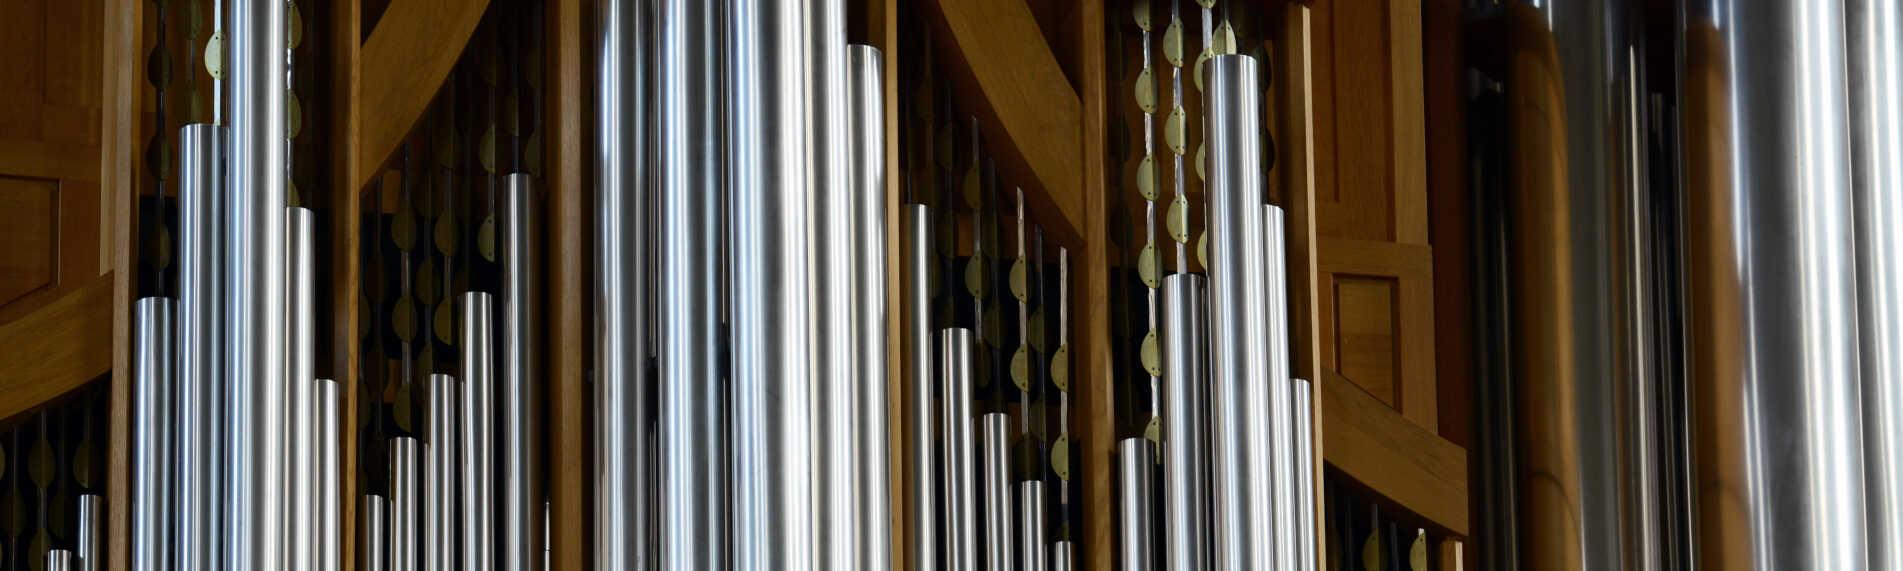 Korrekt befugtning sikrer optimale forhold for inventar i Munkebjerg kirke